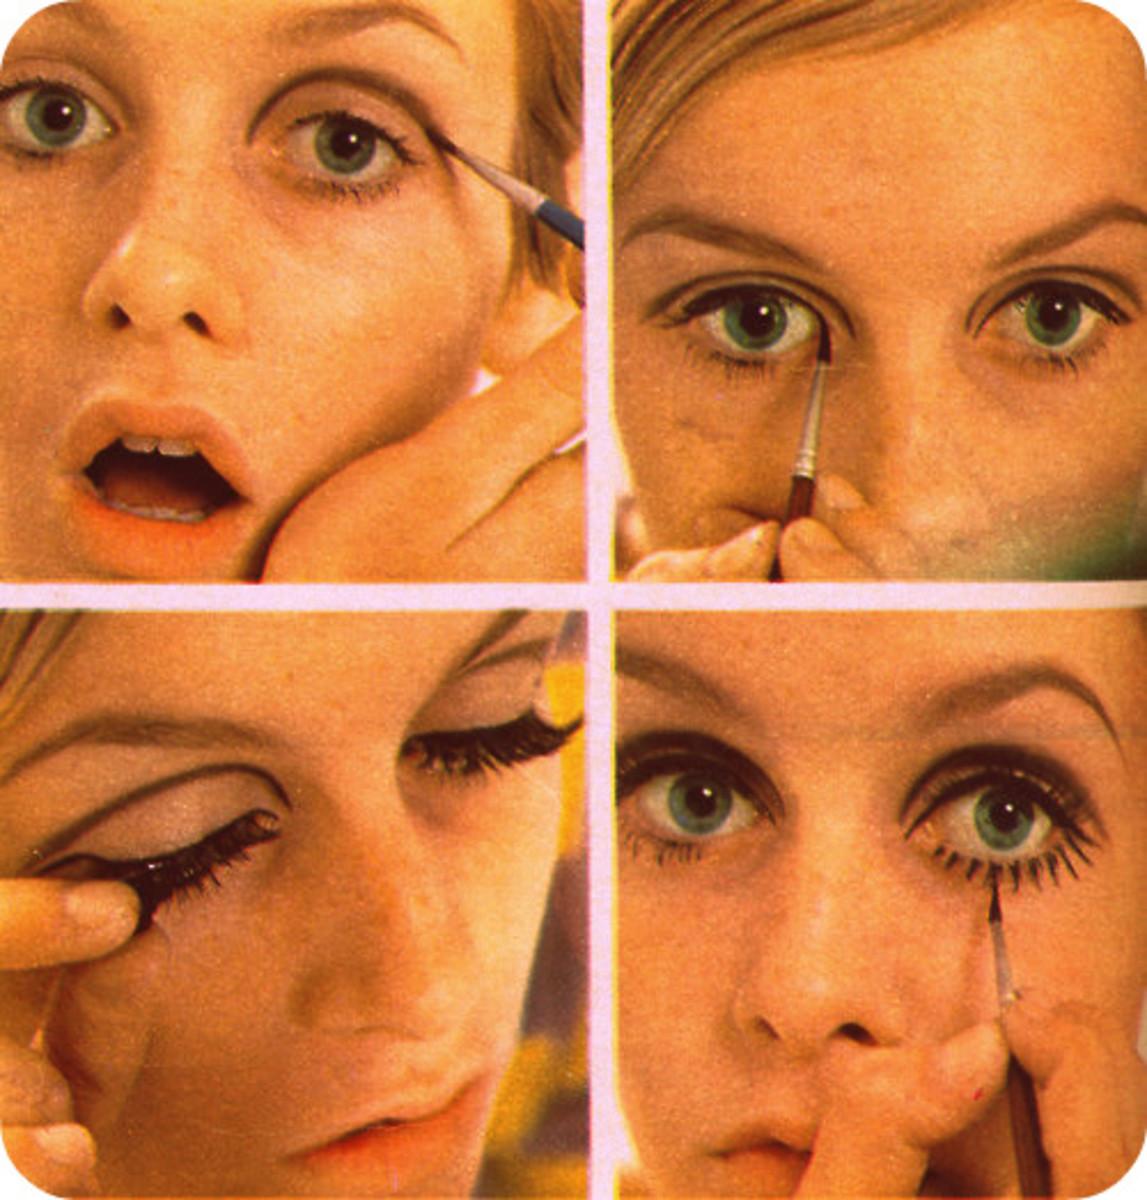 Twiggy puts on her eye makeup.